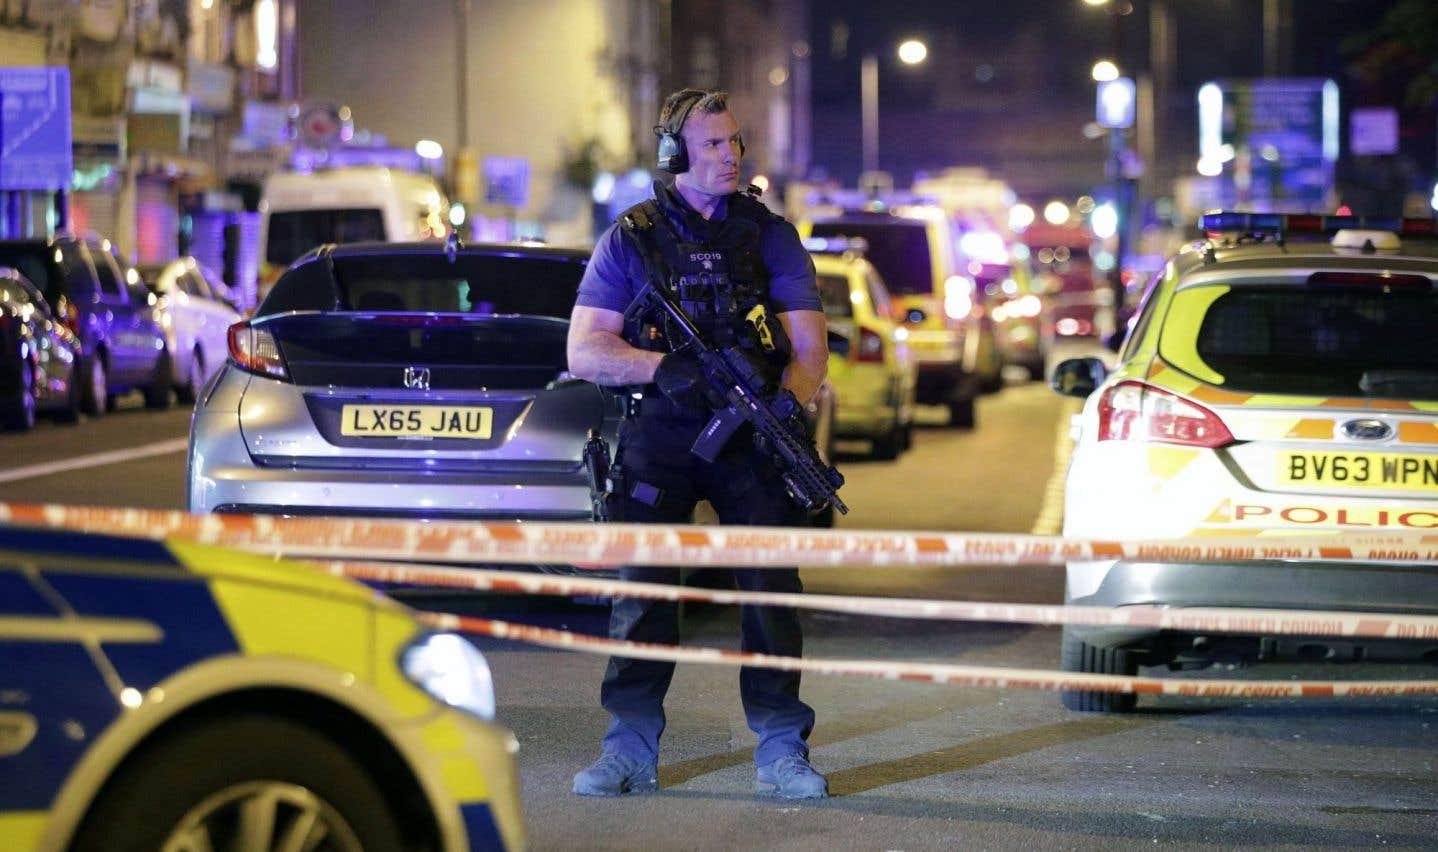 L'horreur frappe Londres à nouveau